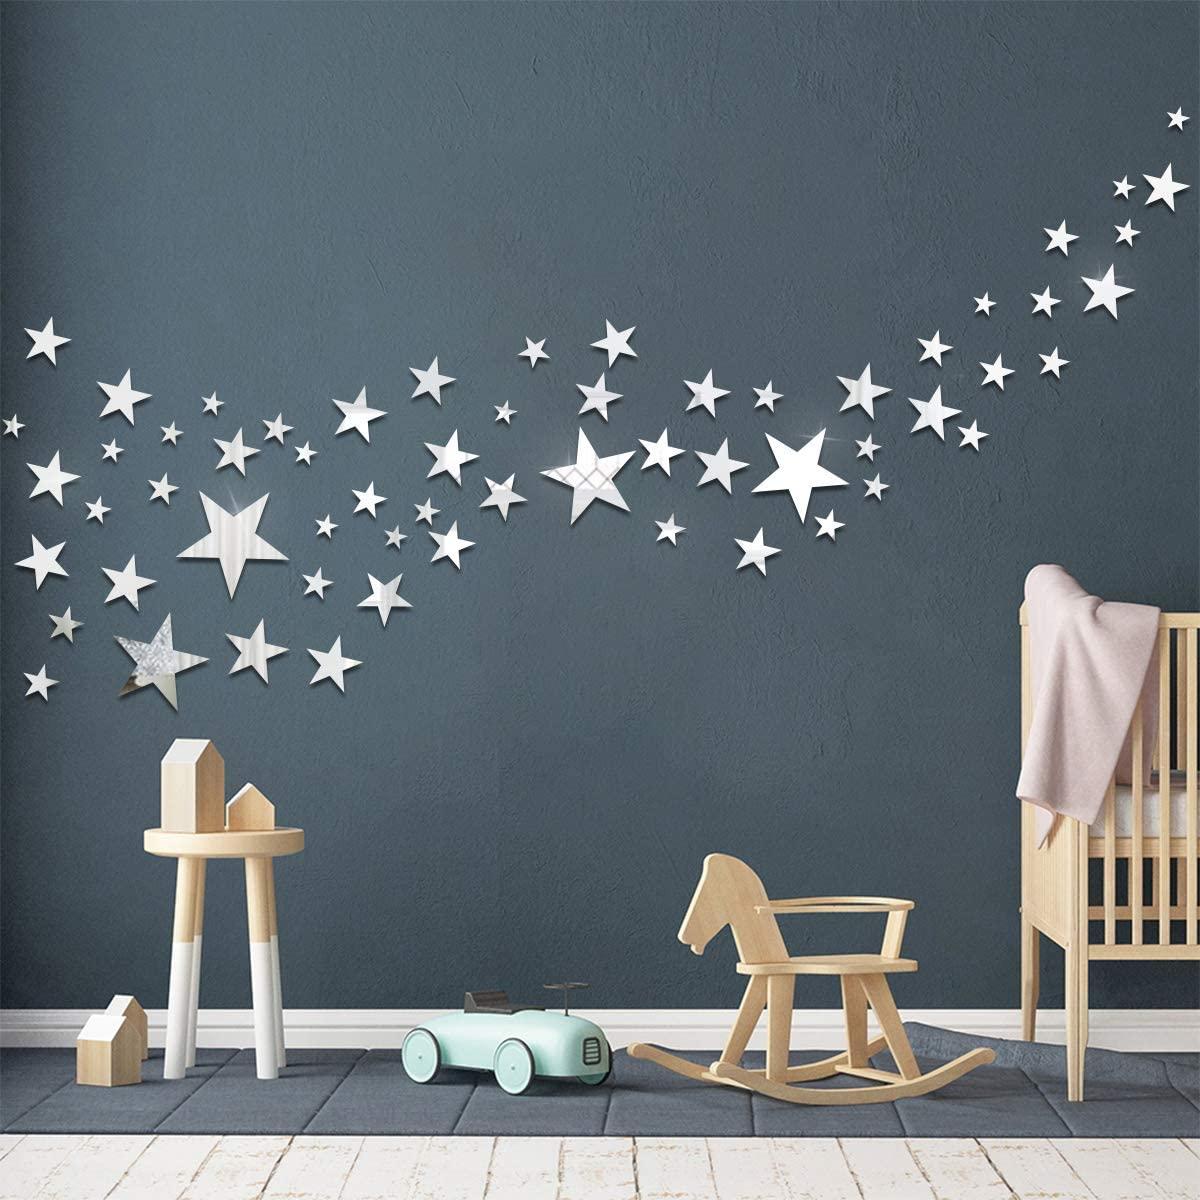 آینه آتریکس  طرح ستاره st00113